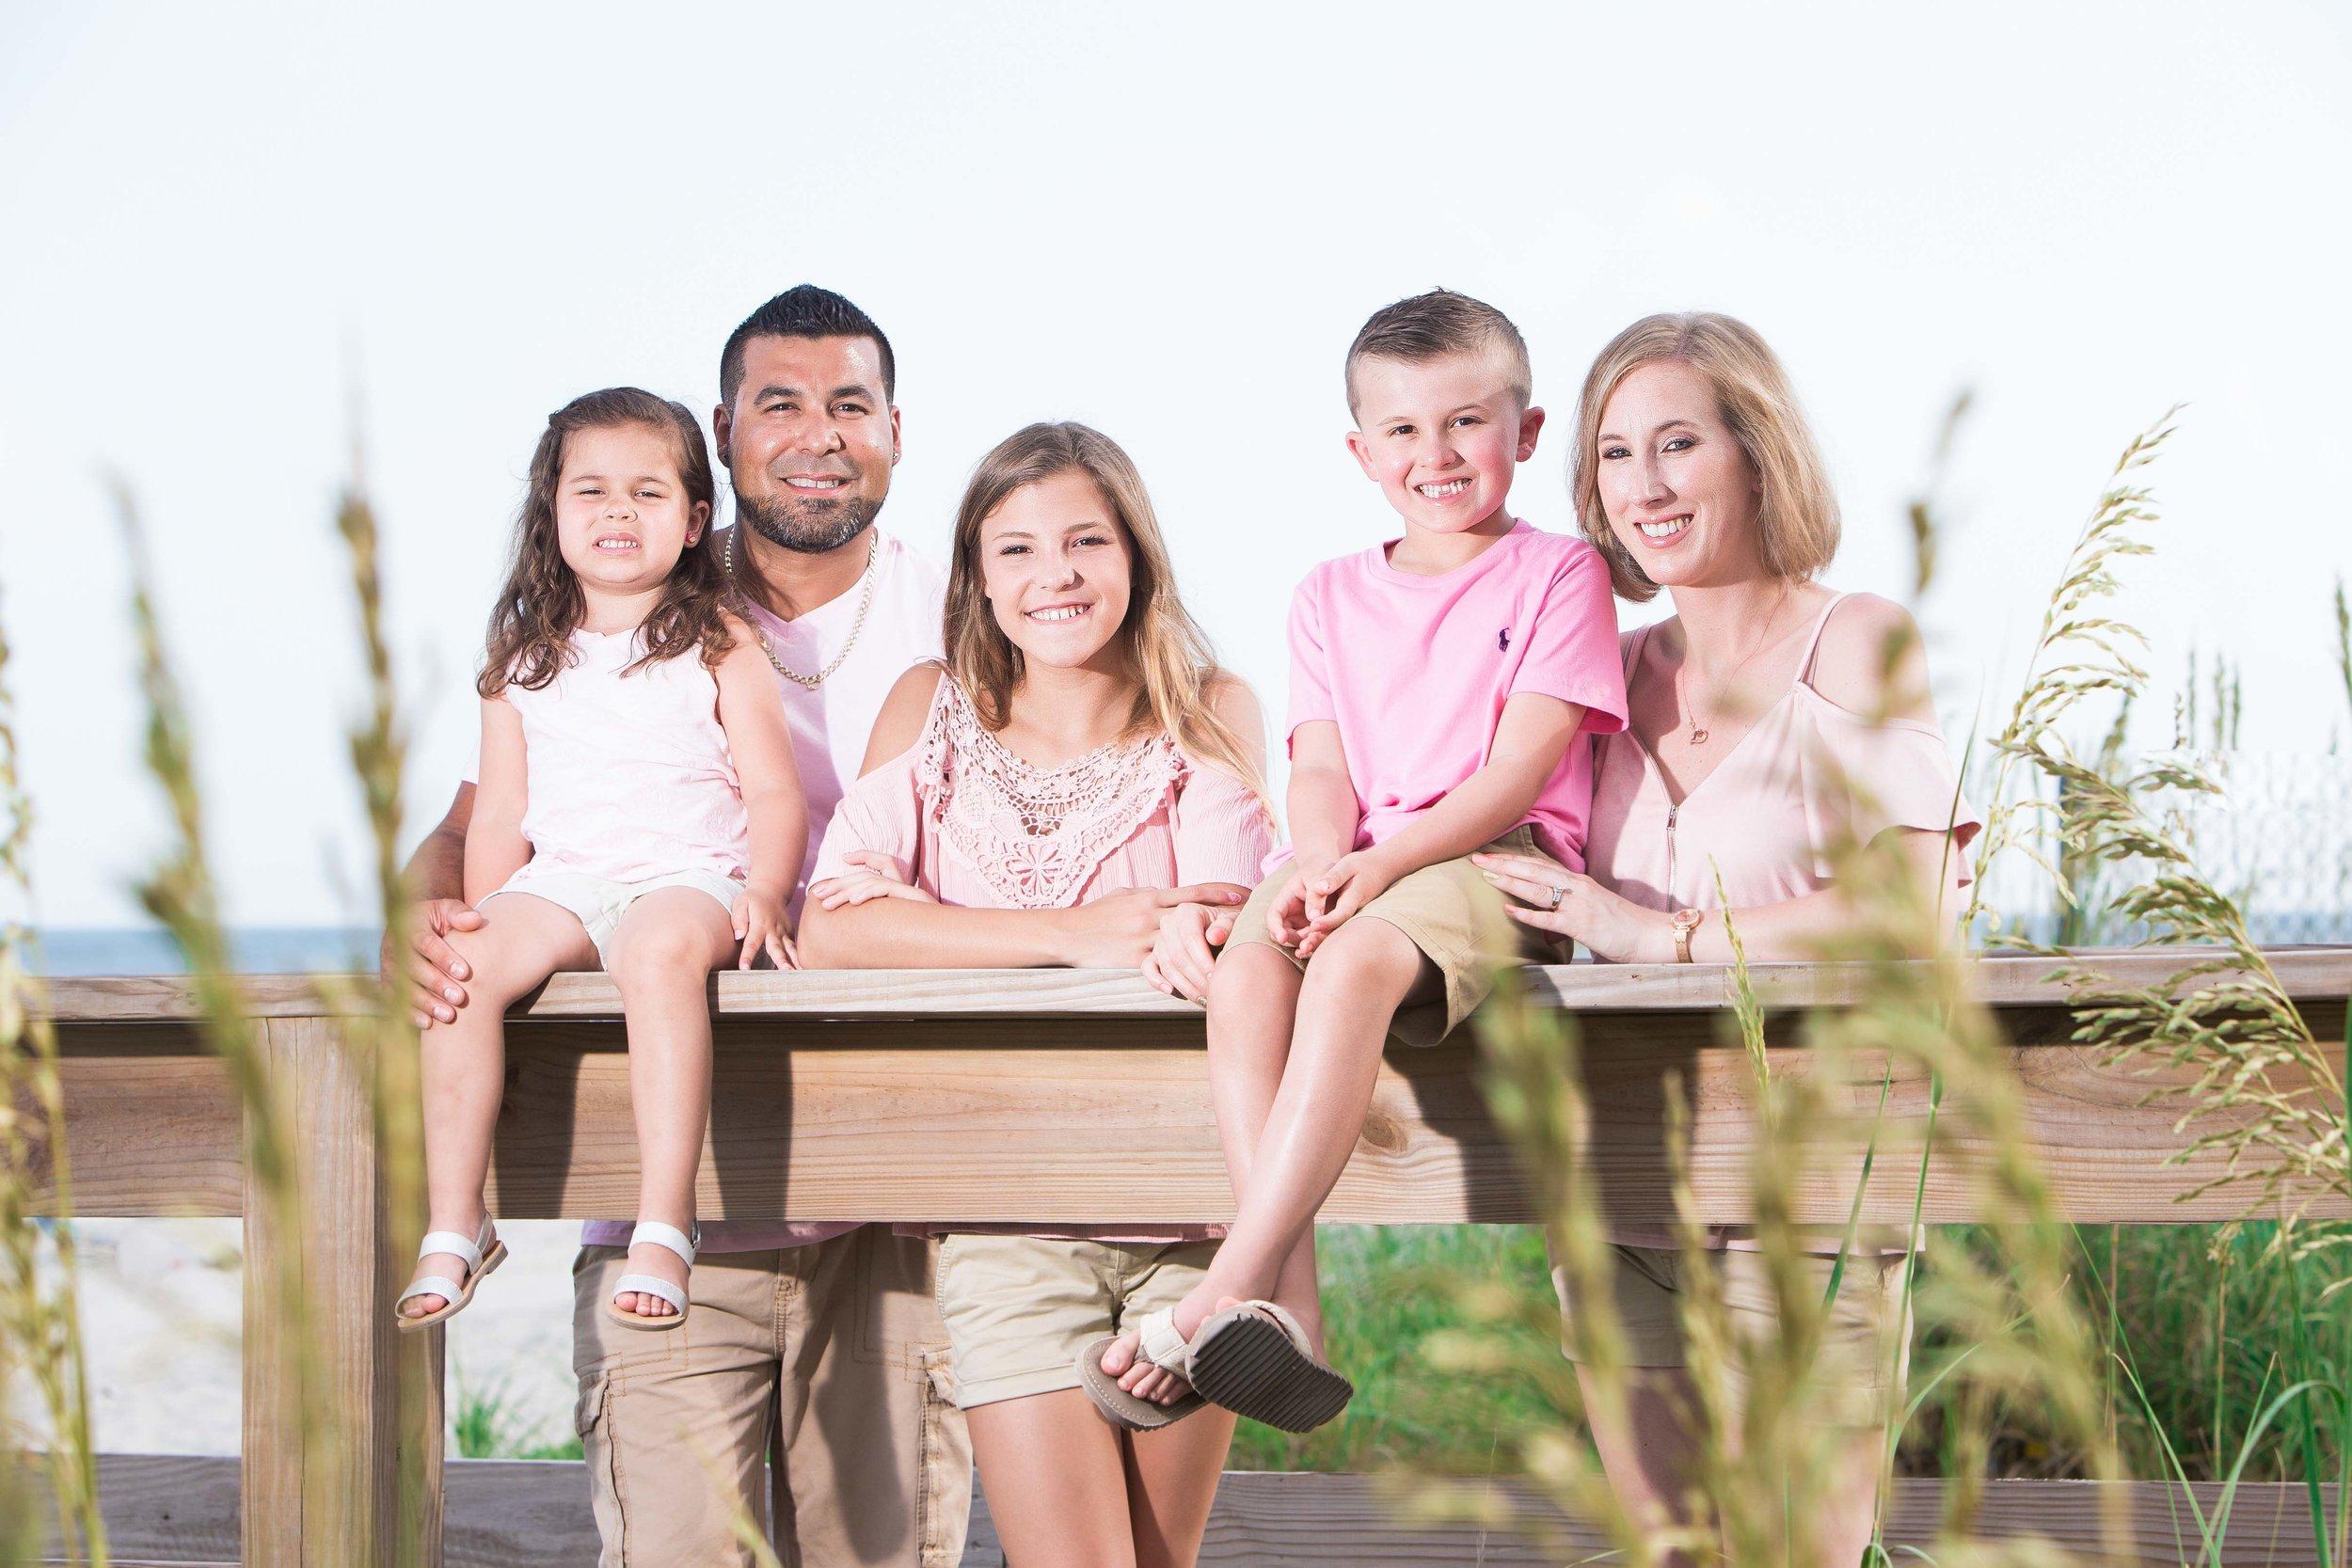 Myrtle beach family photographer ramona nicolae photography beach photos-9.jpg